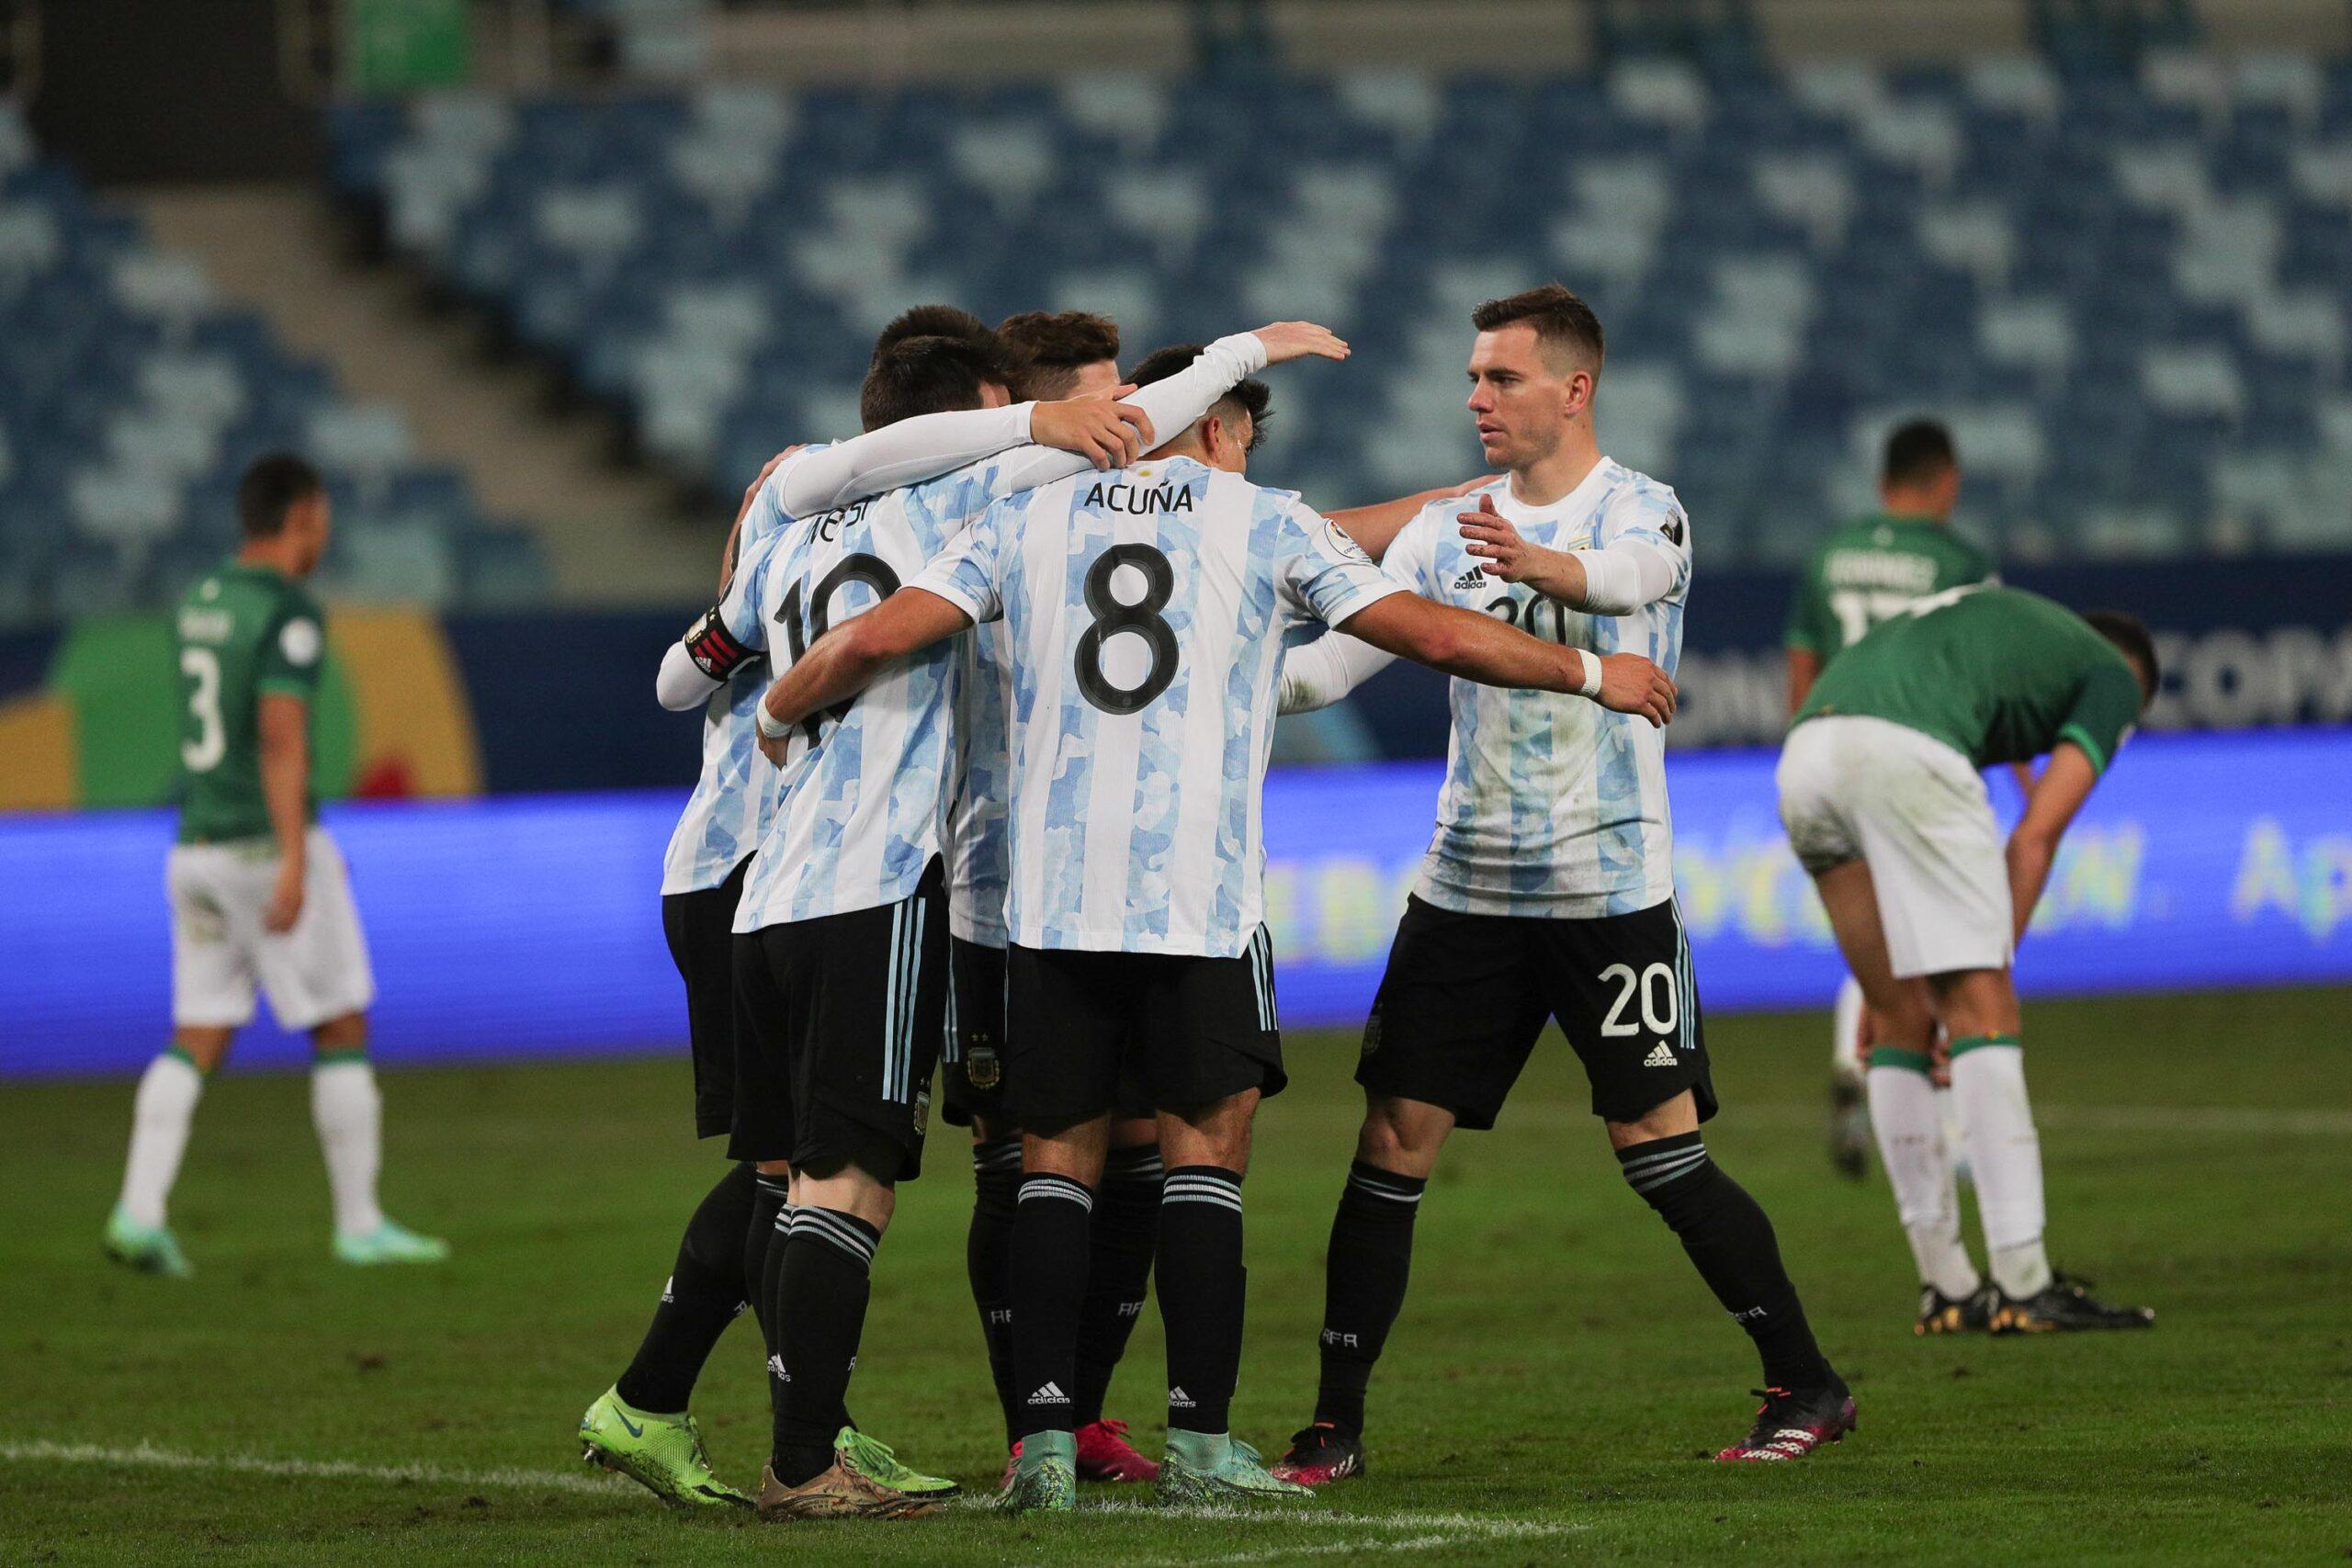 الأرجنتين تهزم بوليفيا وتتأهل إلى الربع النهائي في كوبا أمريكا